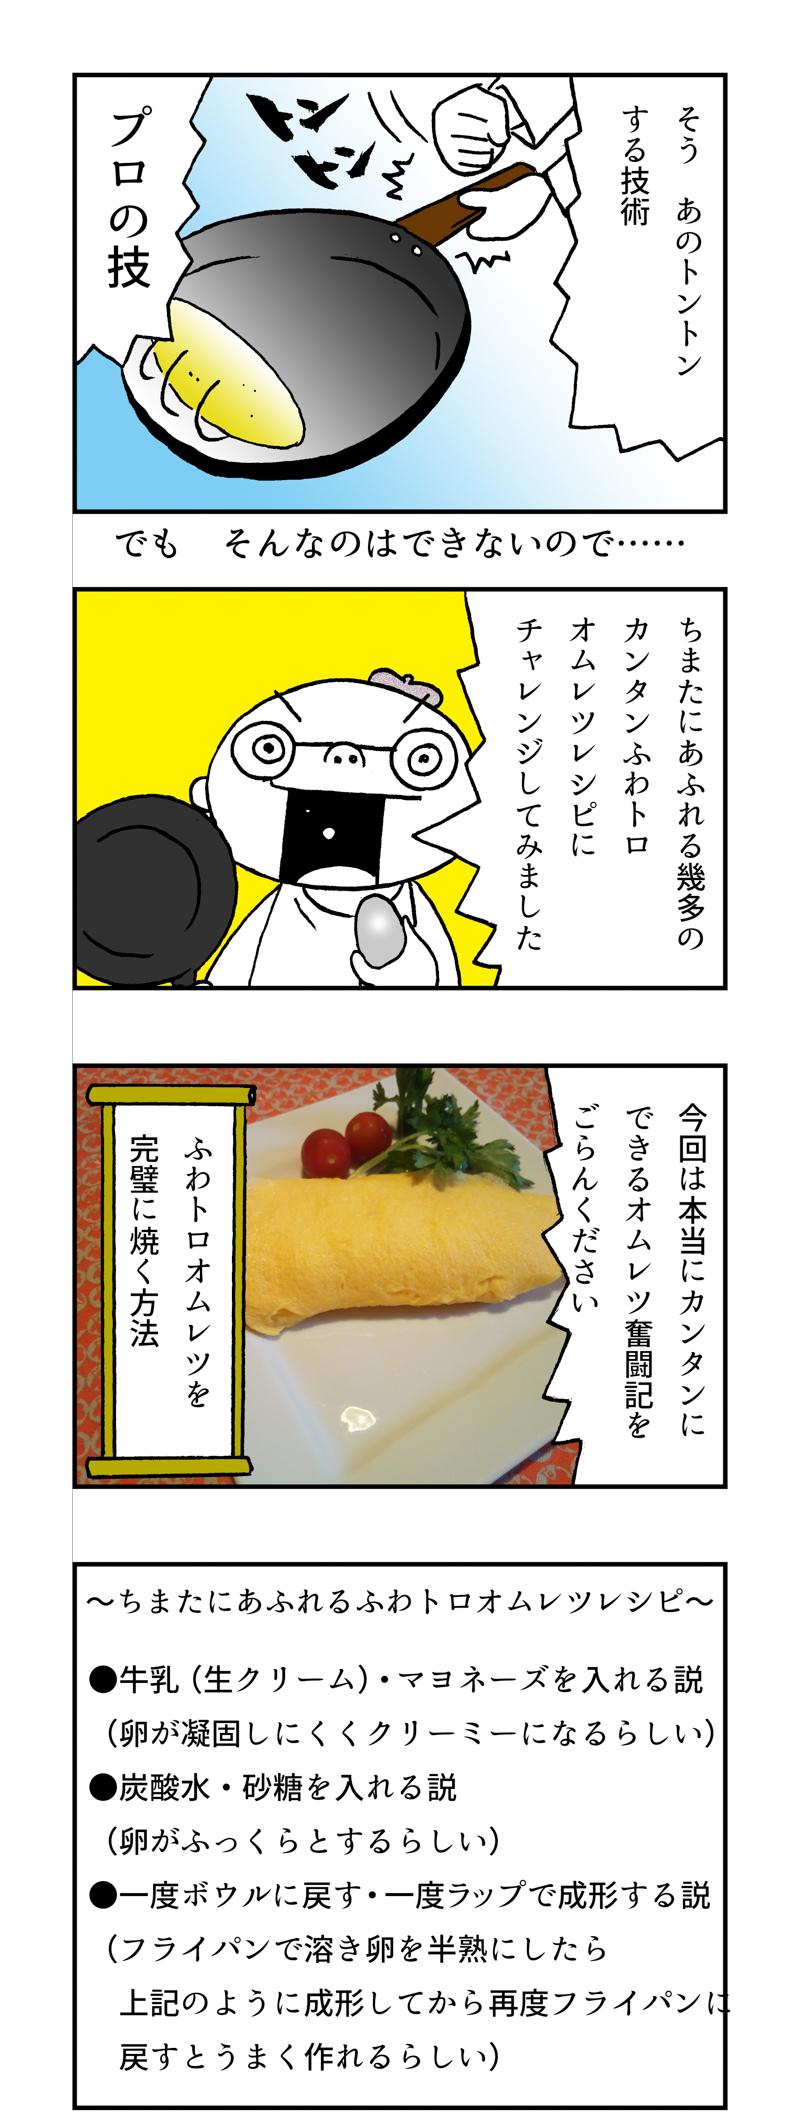 f:id:Meshi2_IB:20170627120505j:plain